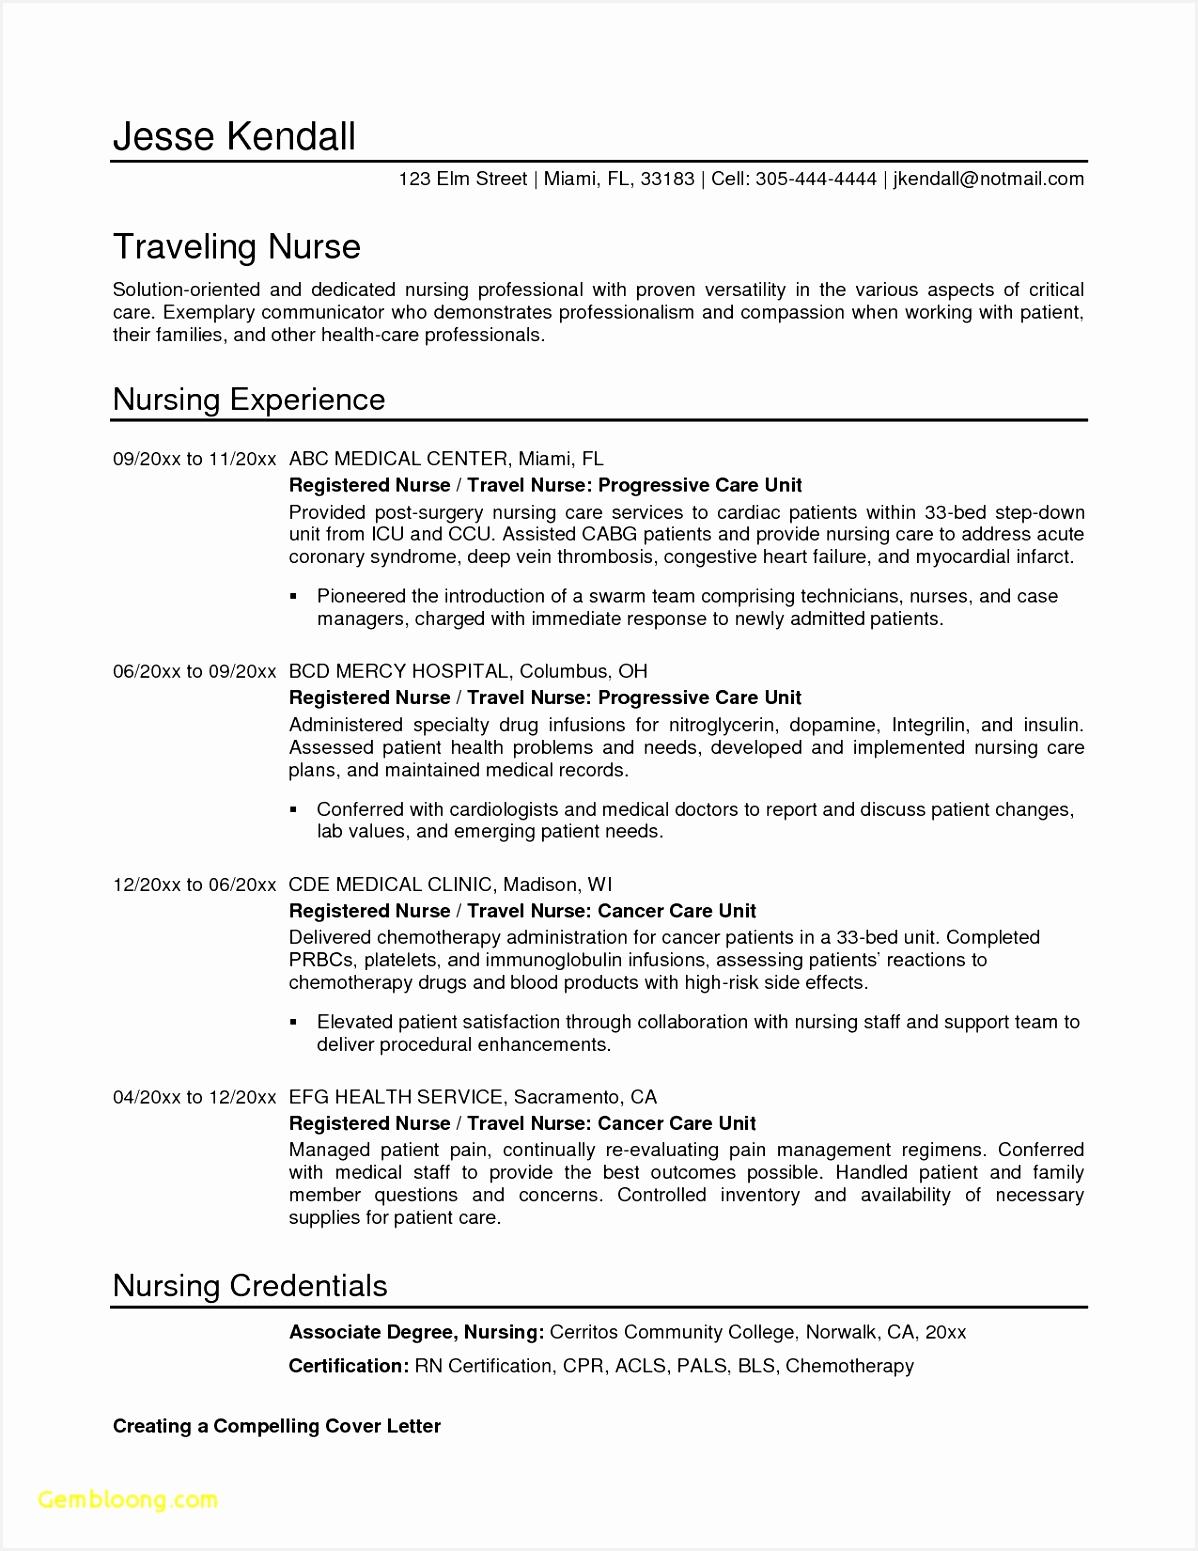 Sample Medical Resume Cover Letter Eox5n Awesome Sample Legal Resume Inspirational Medical assistant Resumes New Of 6 Sample Medical Resume Cover Letter